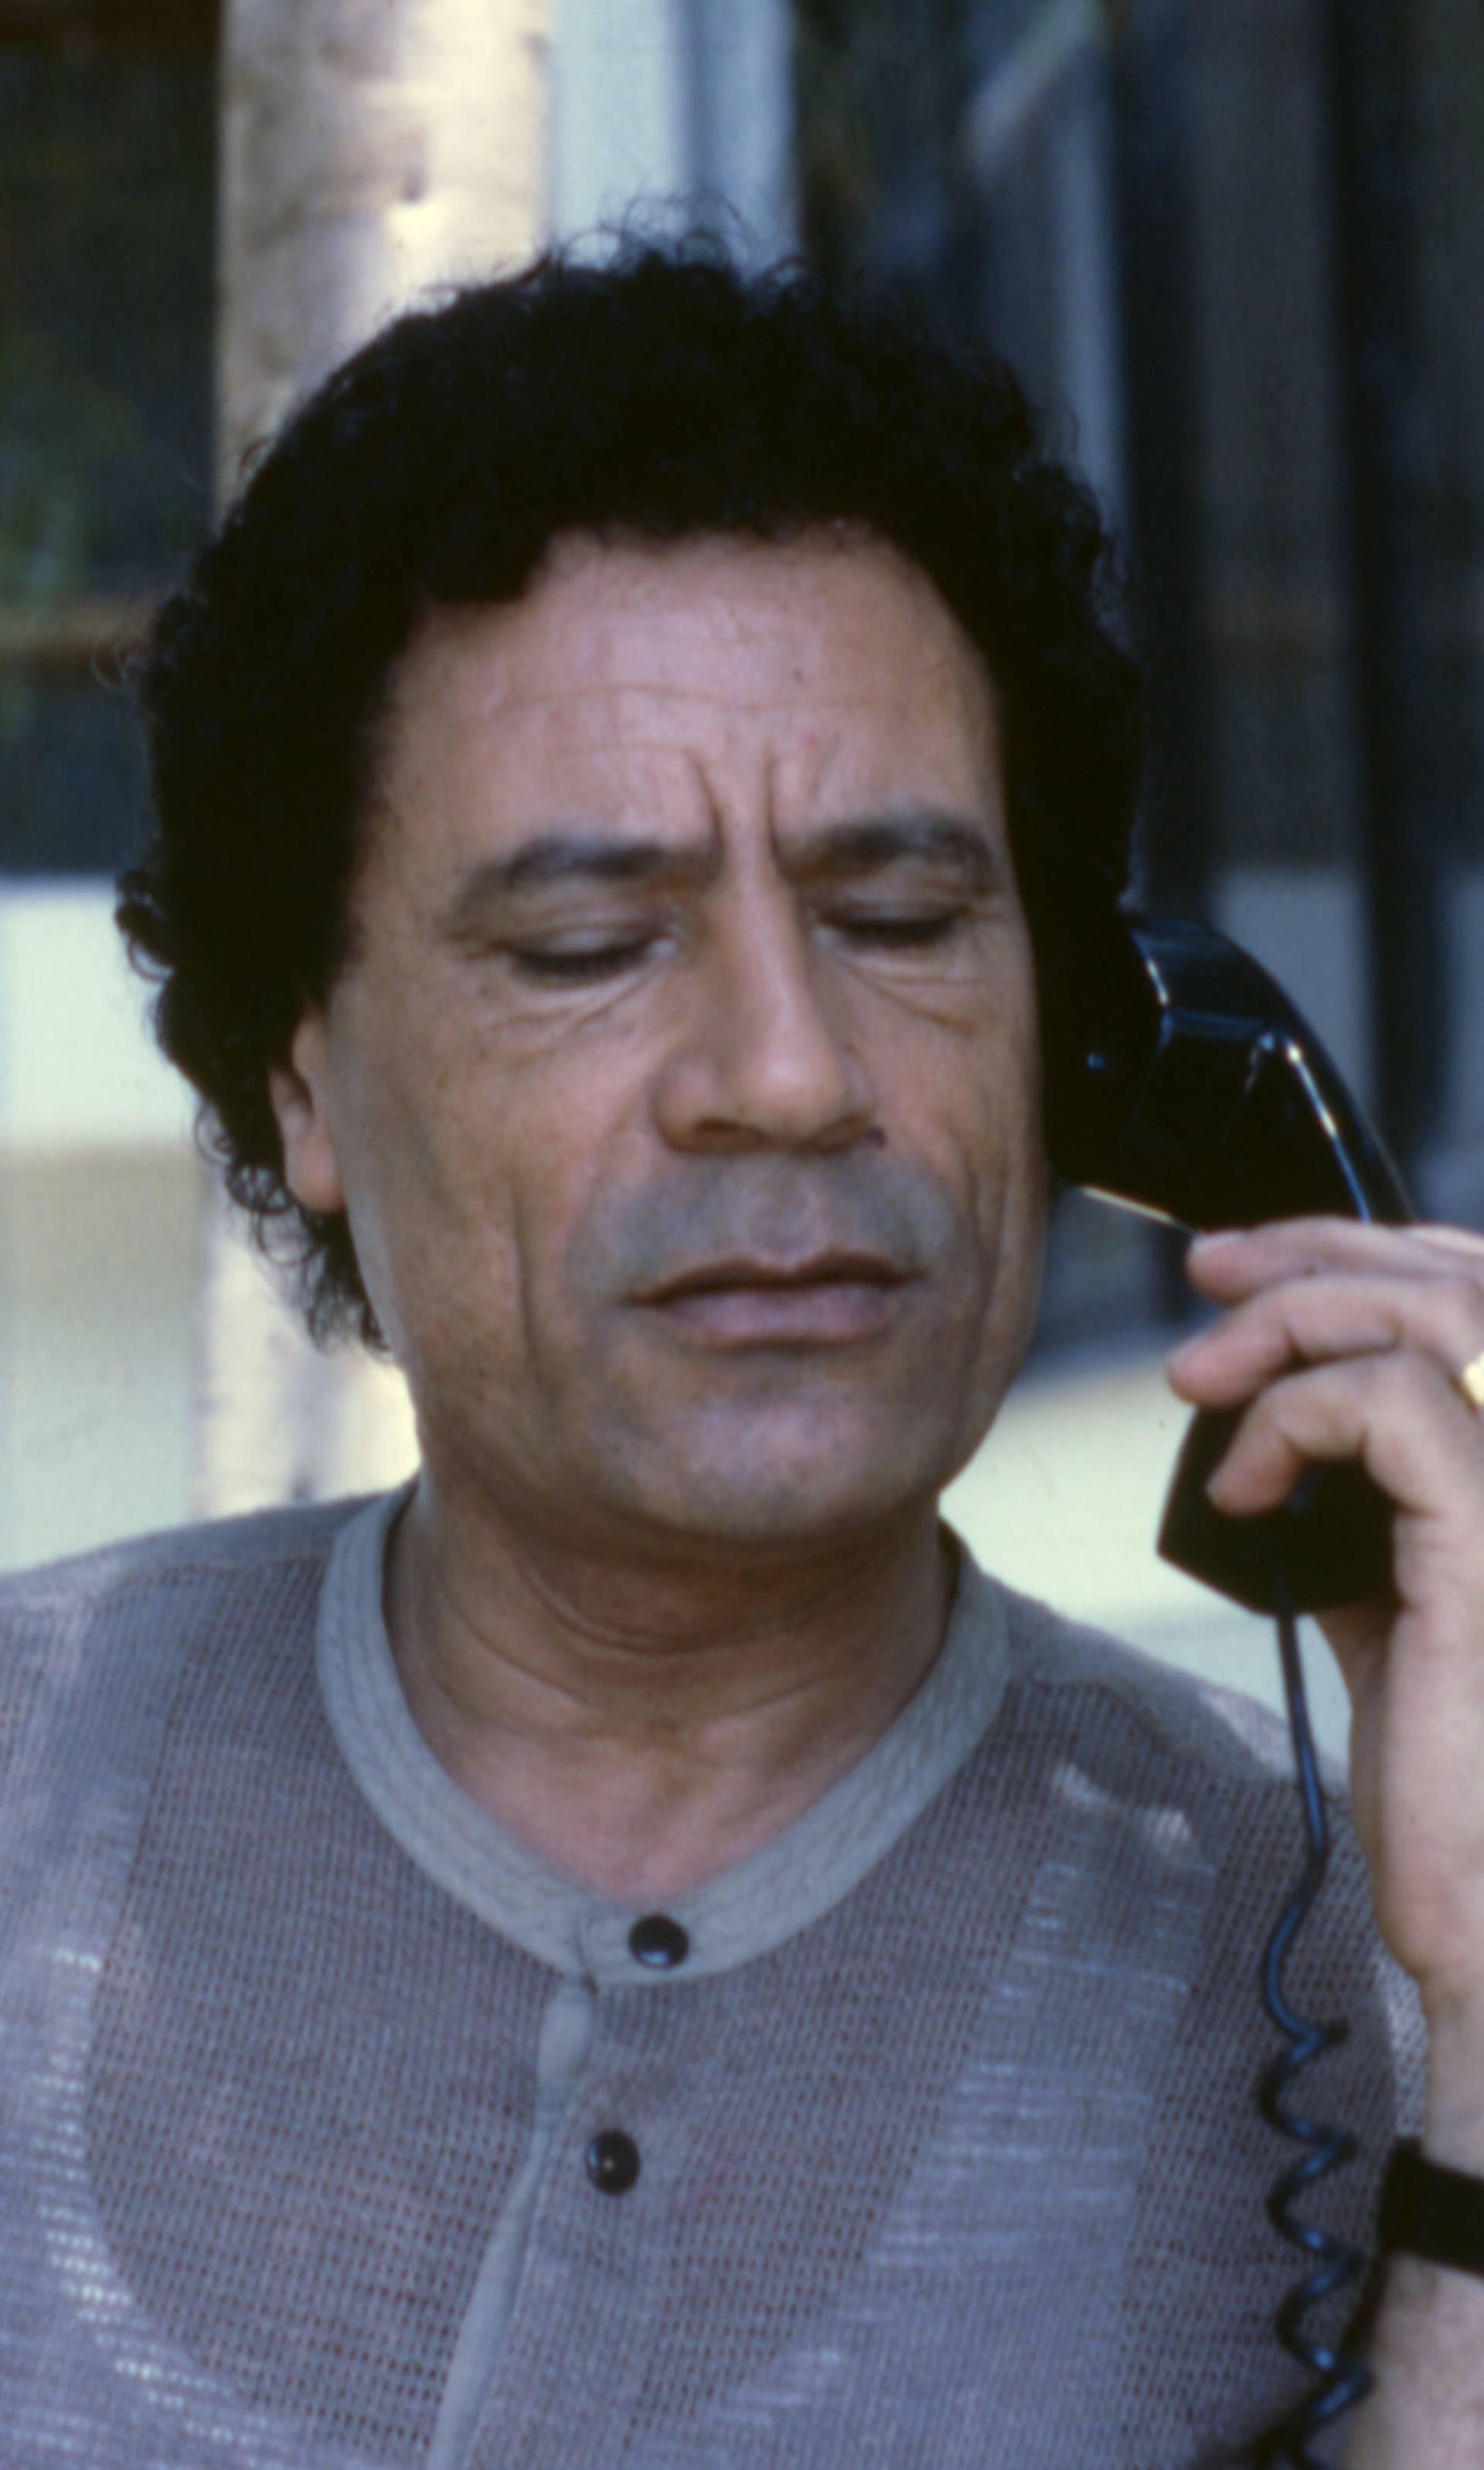 Muammar Gaddafi in garden, Bab al-Azizia, Tripoli, Libya